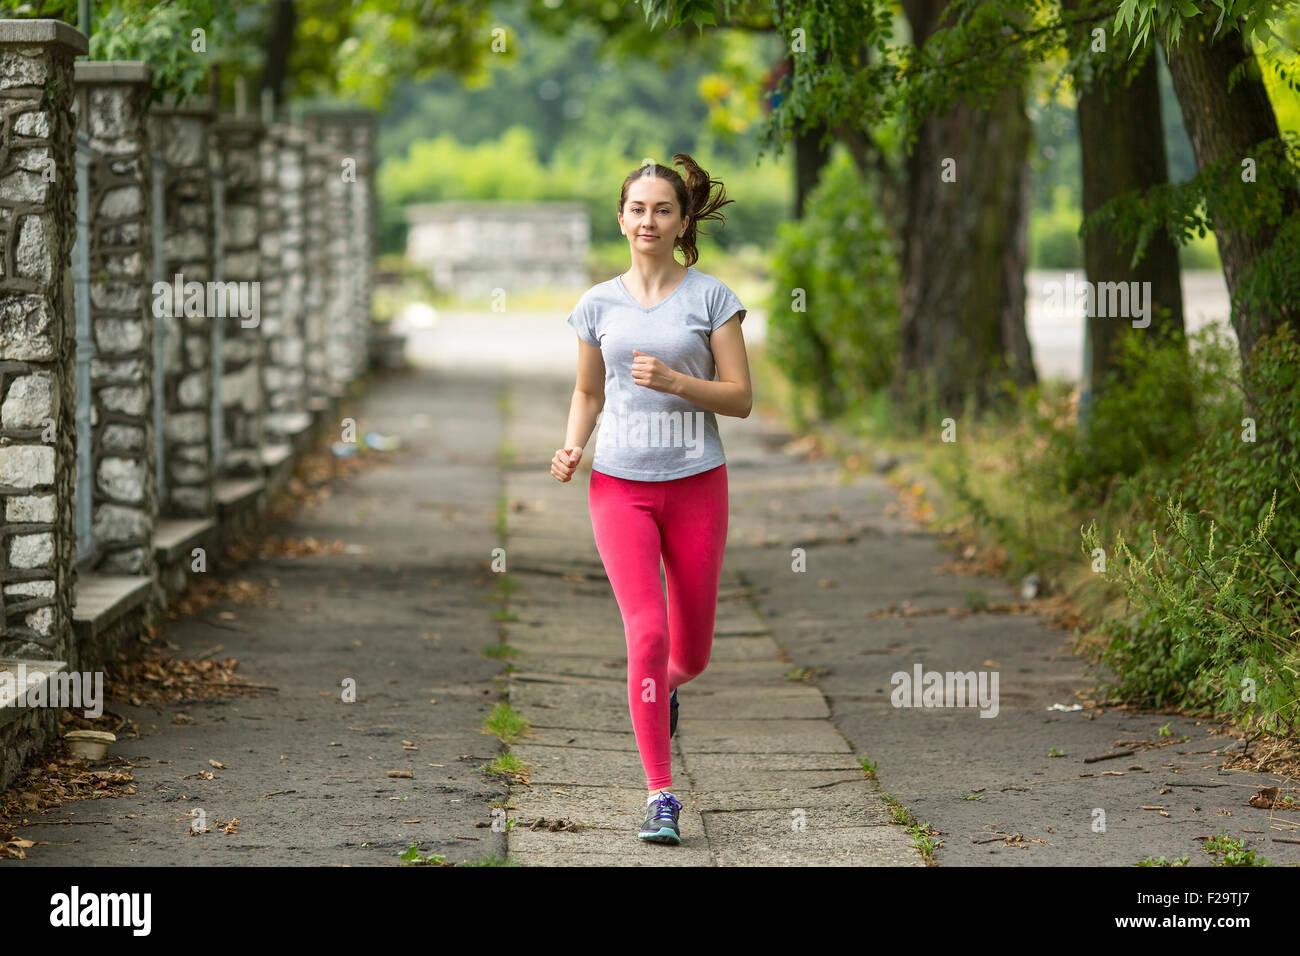 Ejecutando. Mujer joven jogging en el parque. Correr por la mañana. Estilo de vida saludable. Imagen De Stock